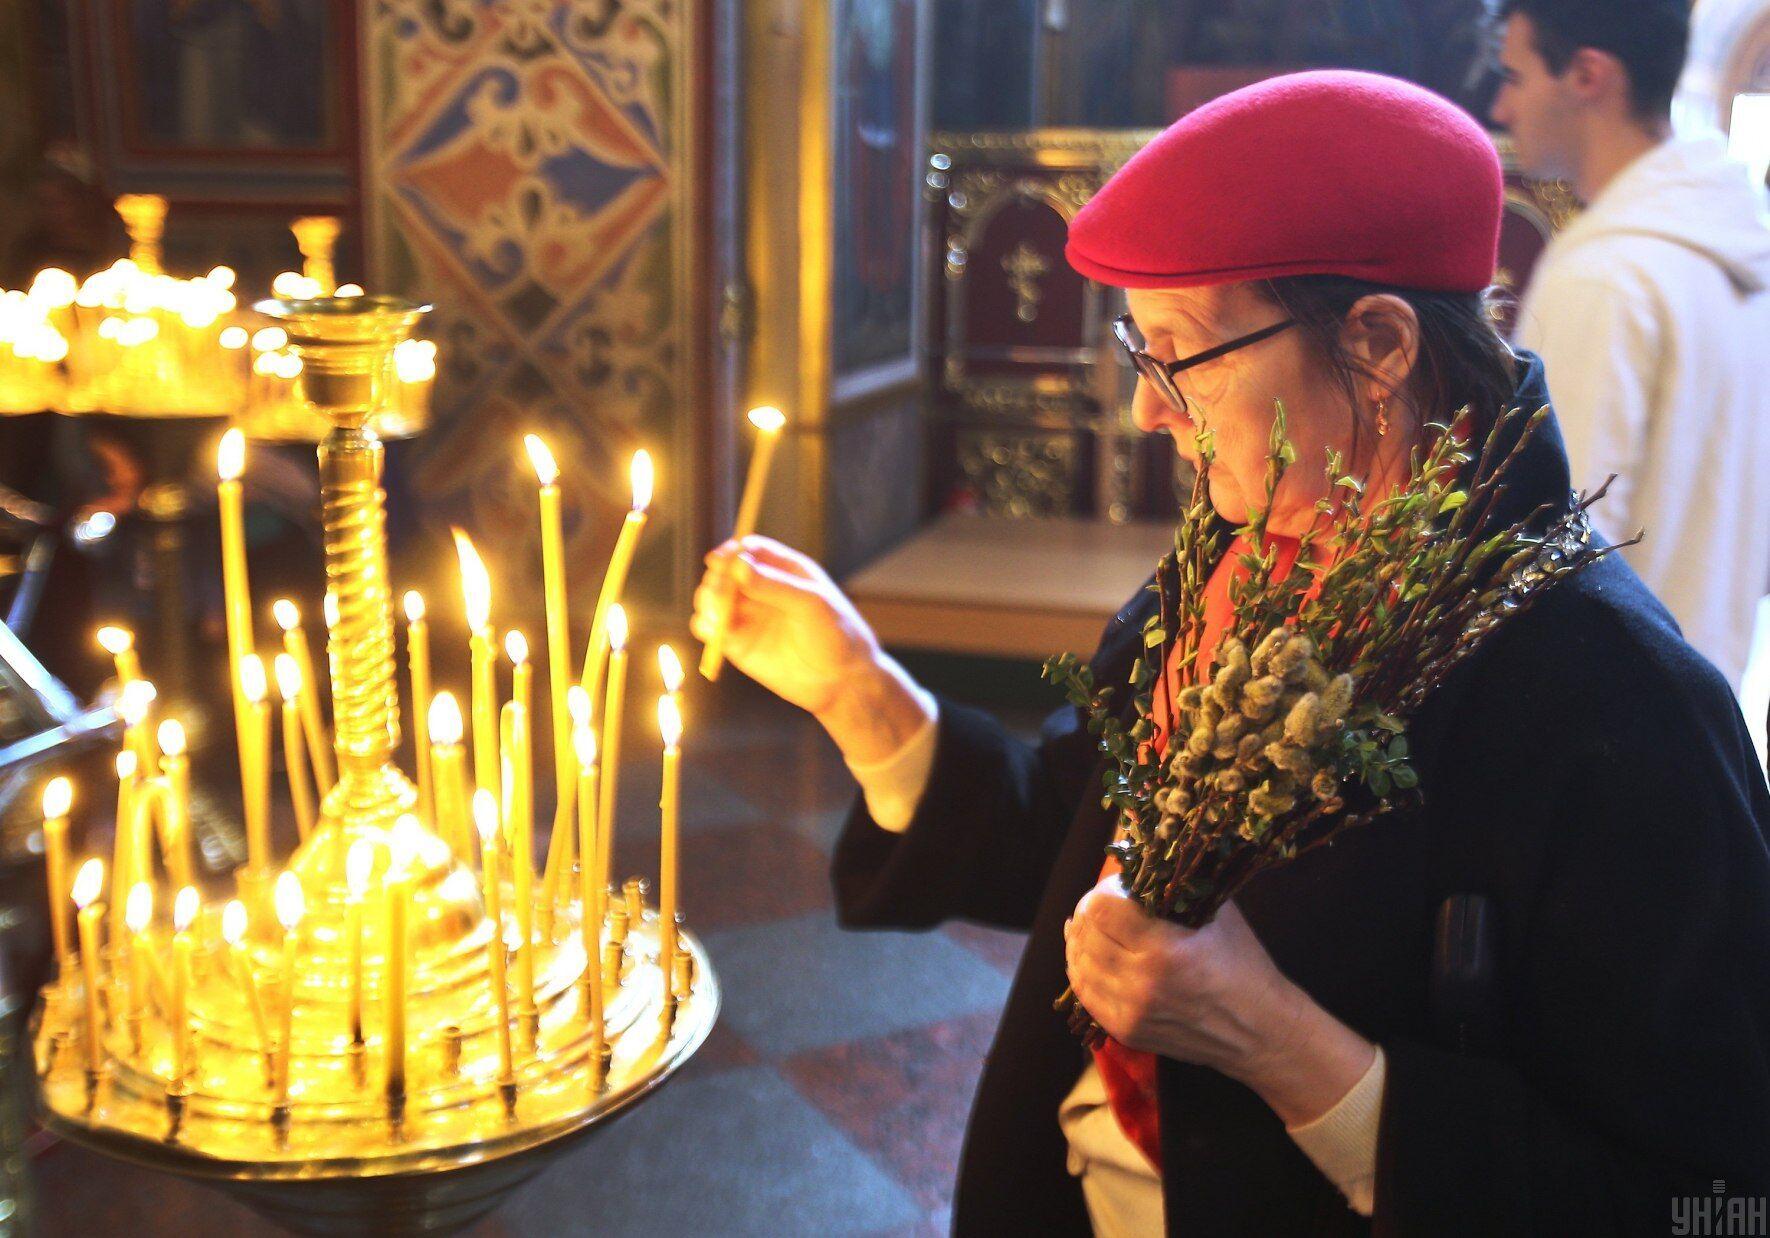 В Вербное воскресенье желательно уделить время духовному, готовясь к Страстной неделе